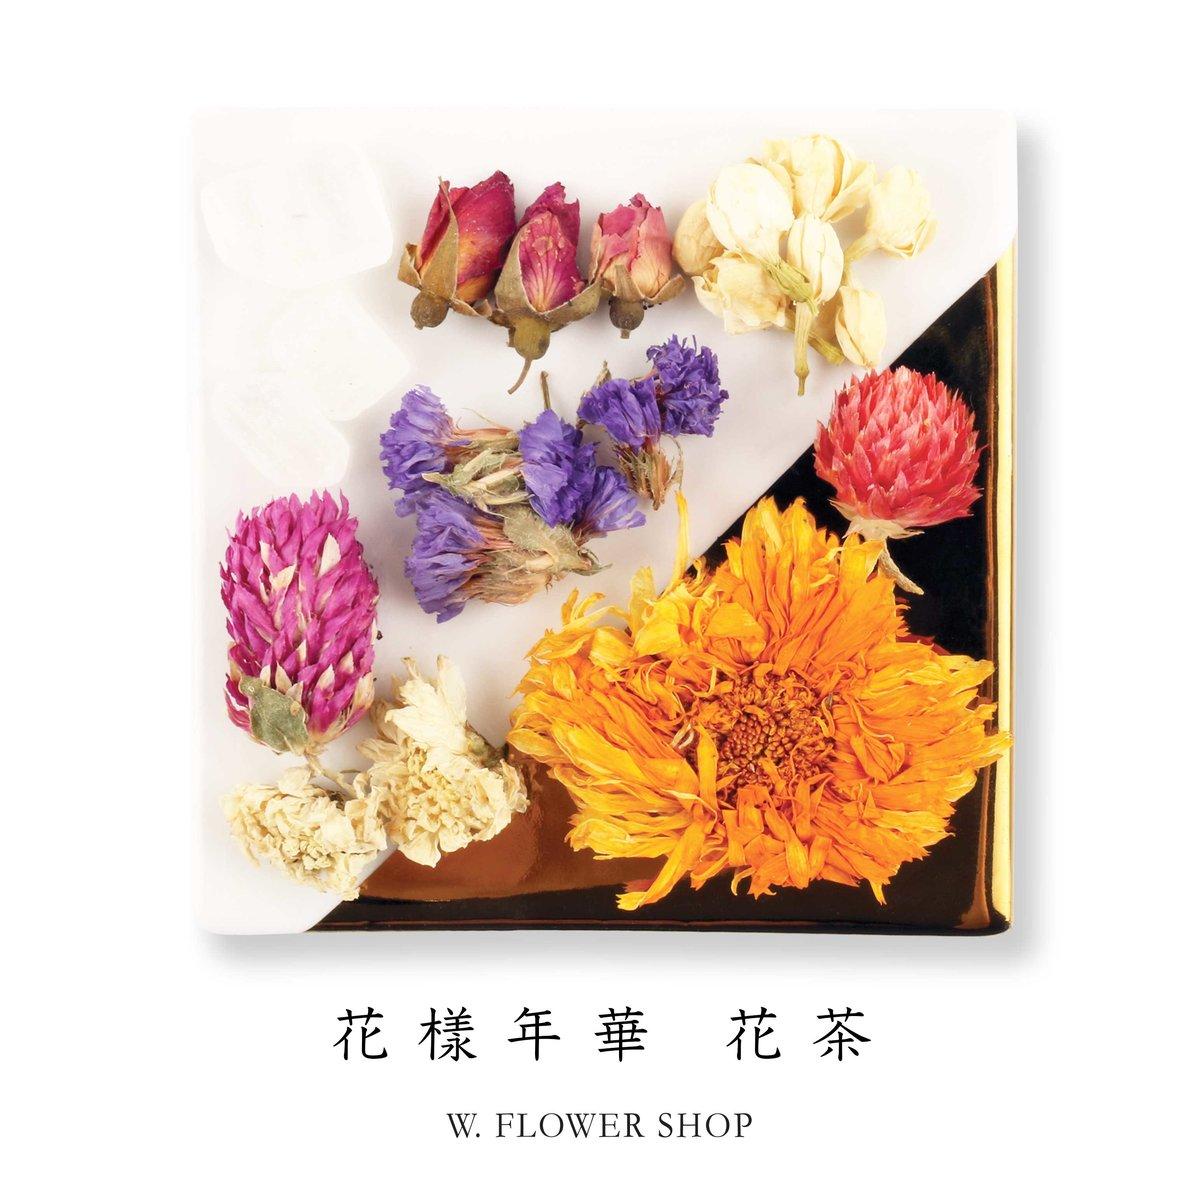 花樣年華 花茶/養生茶 (美顏抗老)